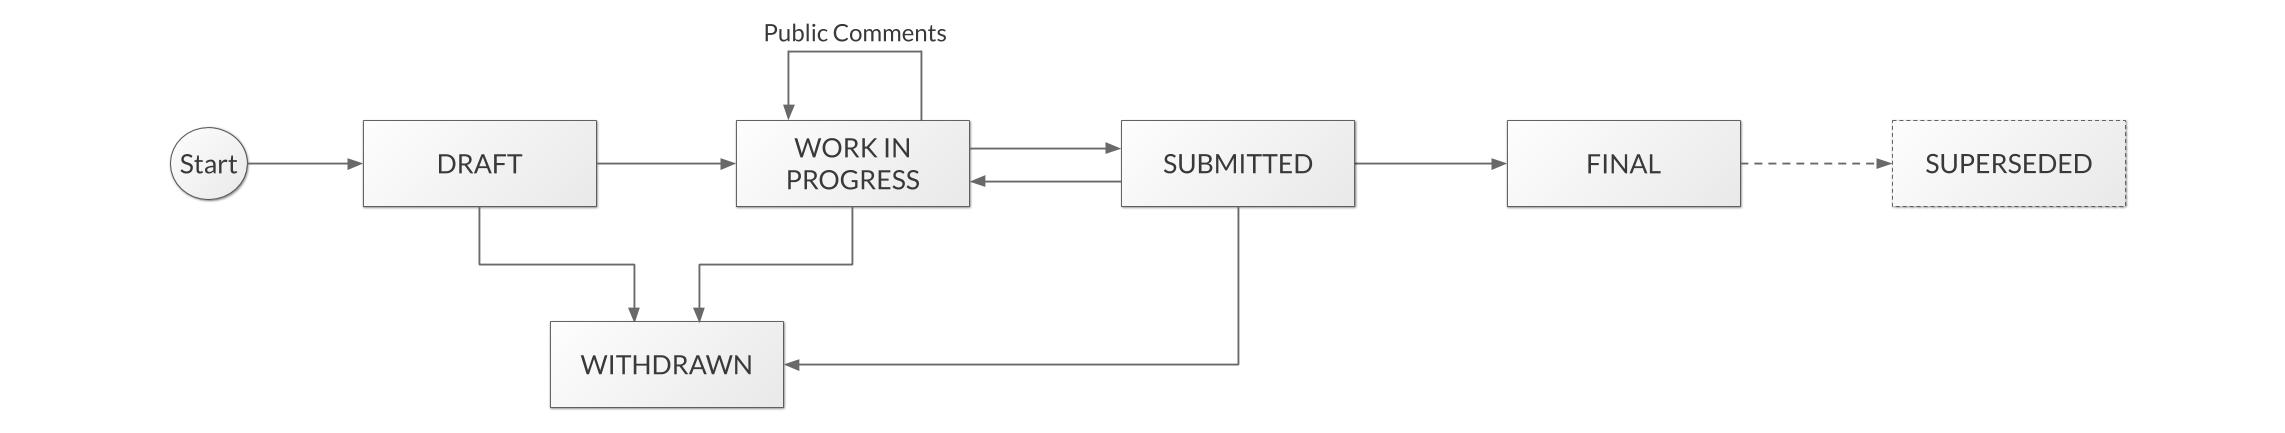 proposals/tzip-1/tzip-workflow.png